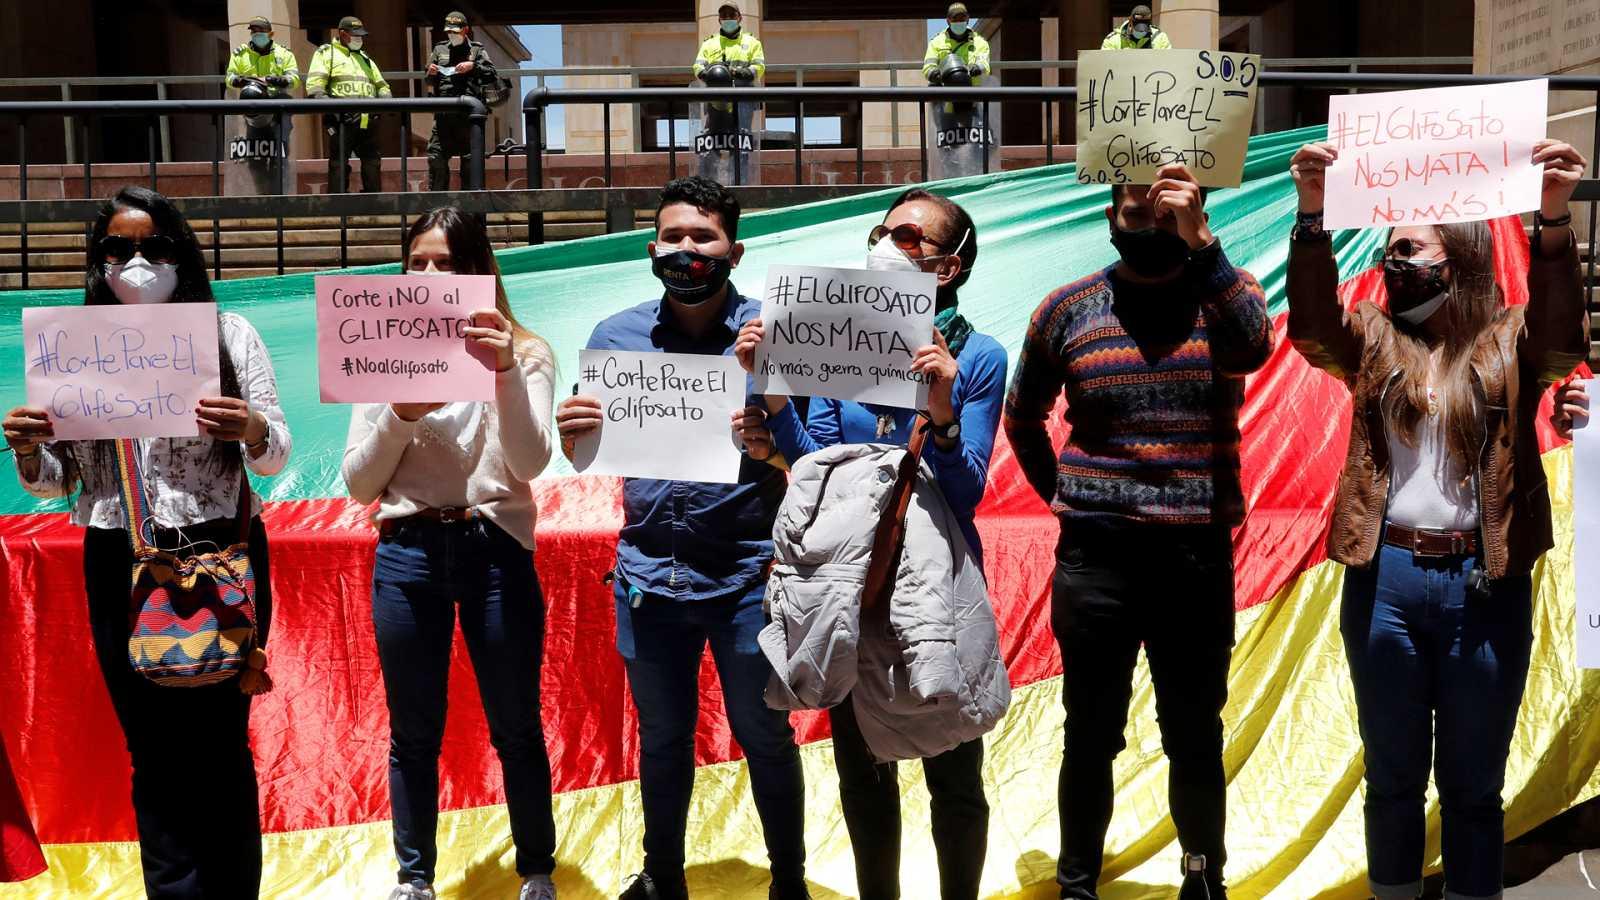 Hora América - Colombia quiere reanudar las fumigaciones con glifosato contra los cultivos de coca - 27/04/21 - escuchar ahora